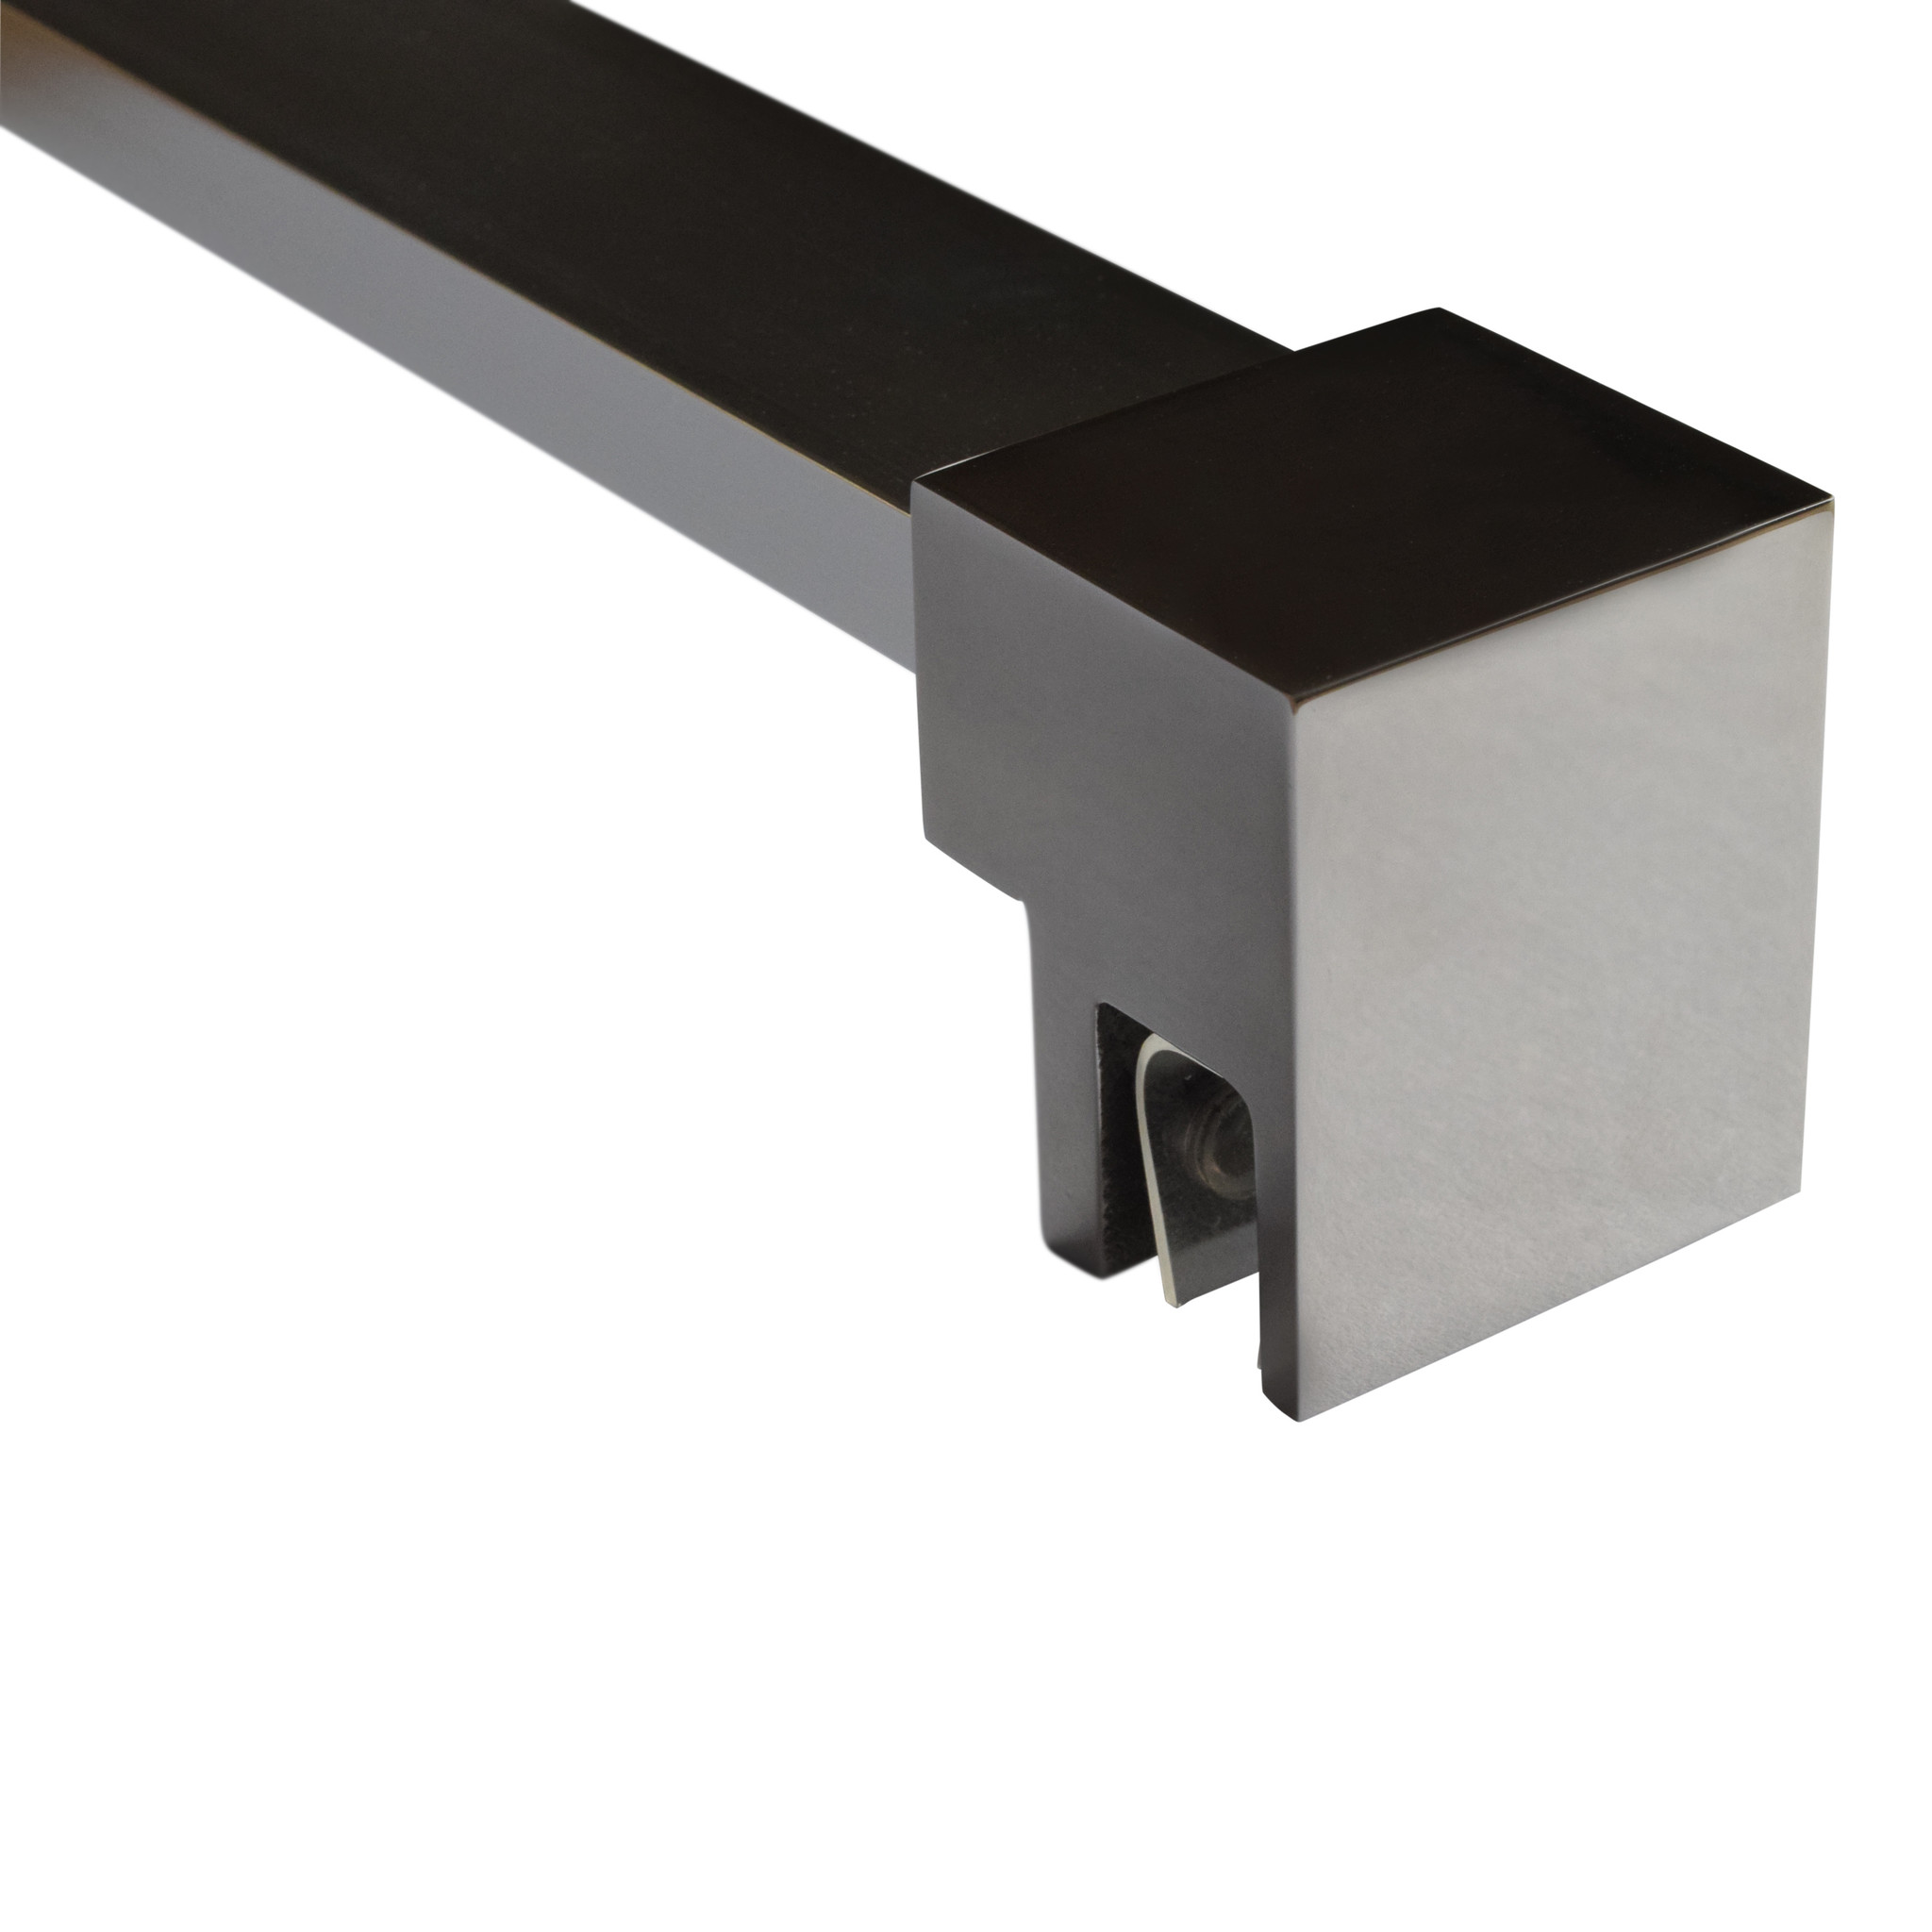 Stabilisatorstange vollstŠndige Quadrat 120 cm